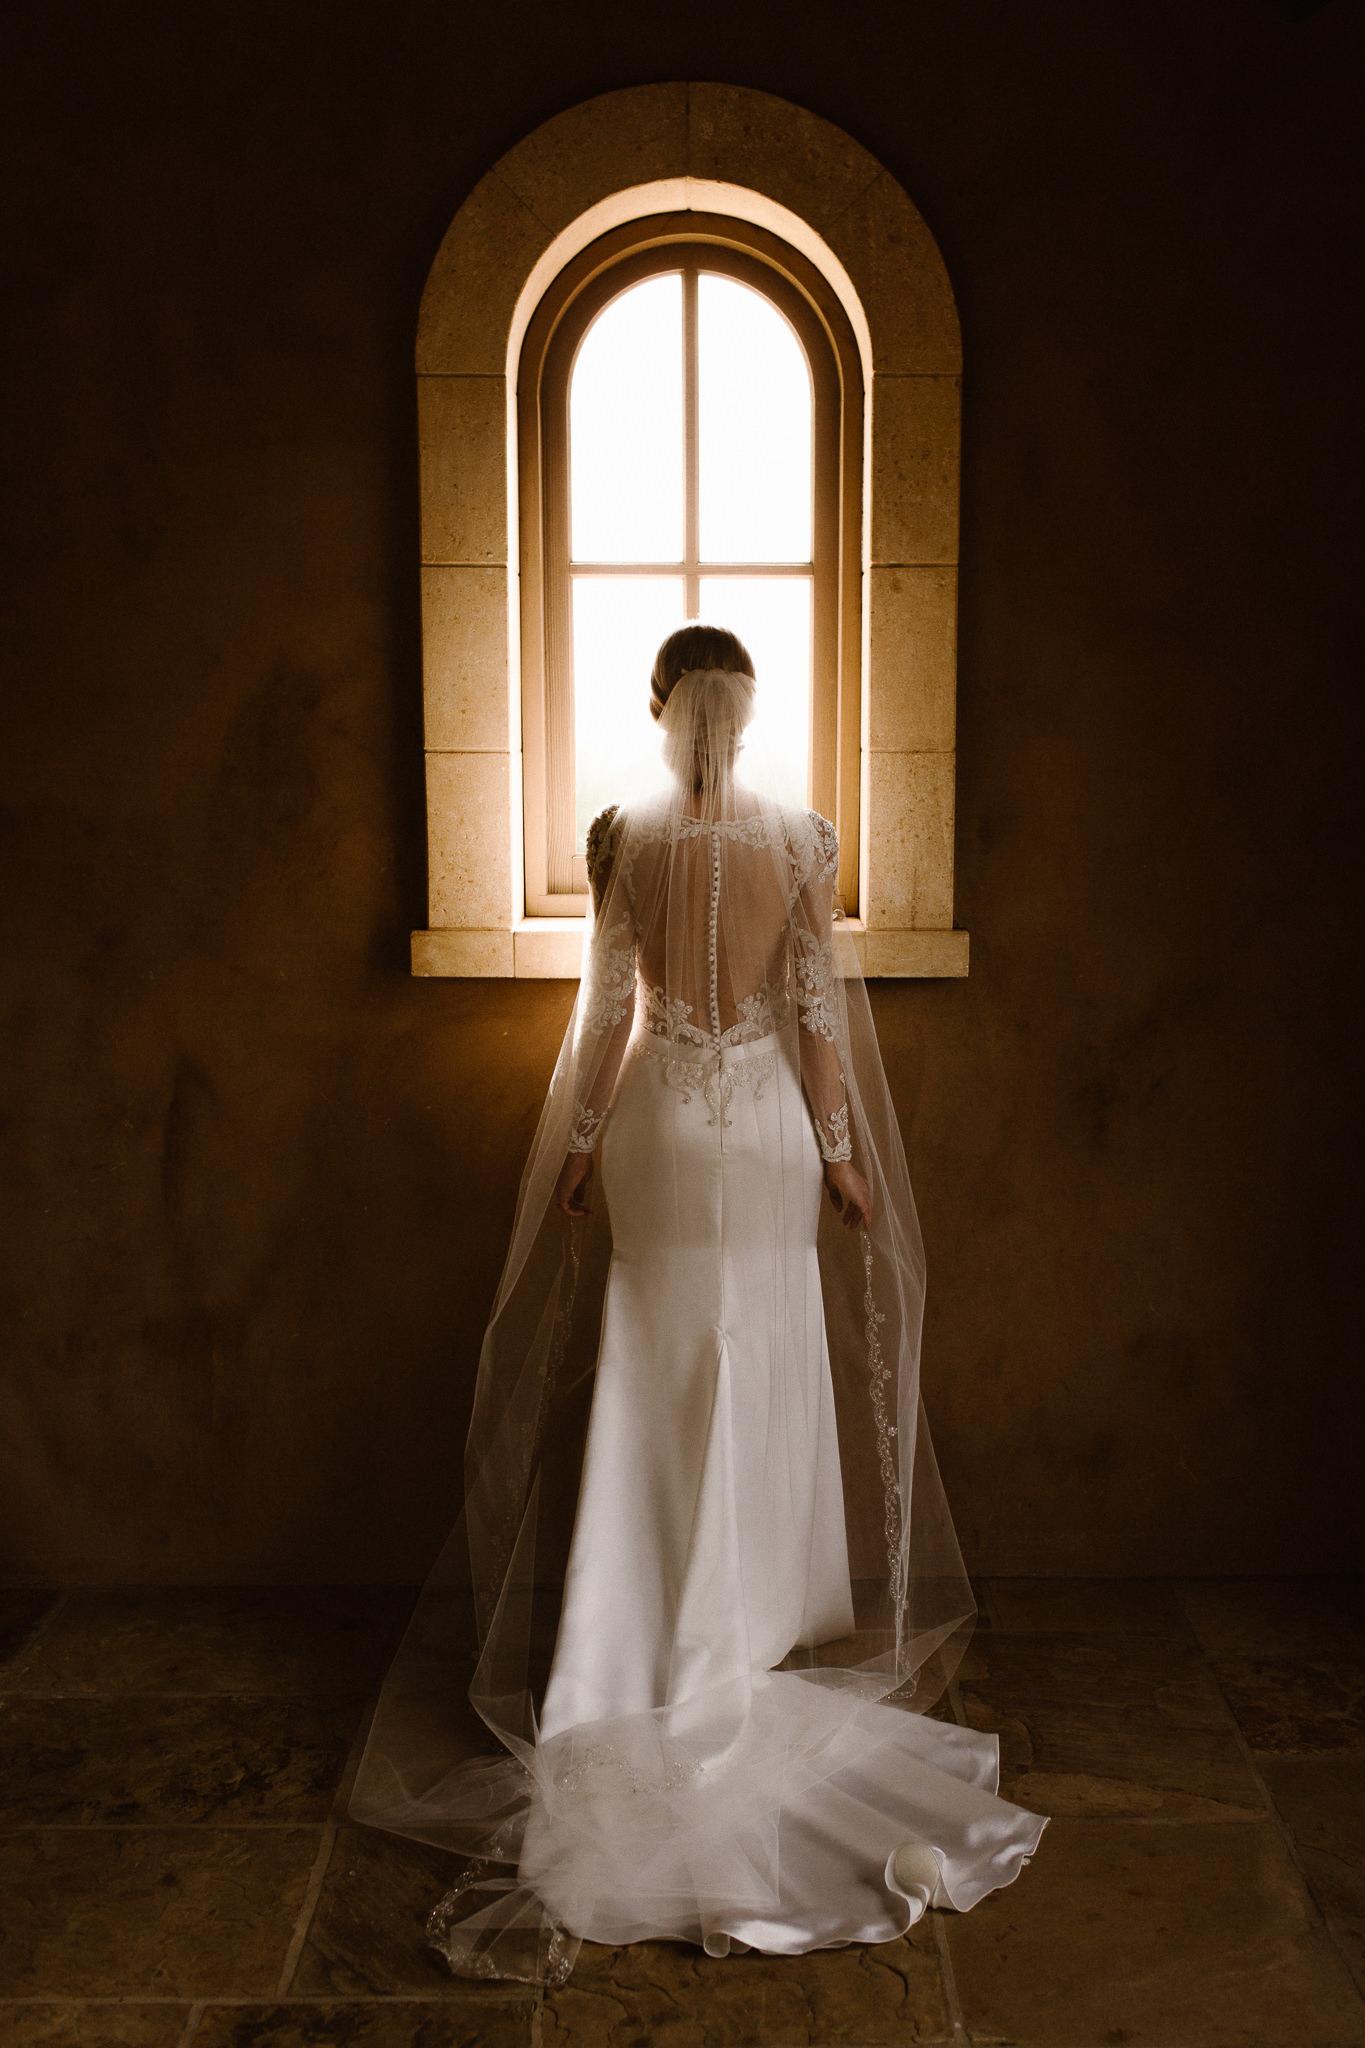 eastlyn and joshua scottsdale wedding photographer-30.jpg